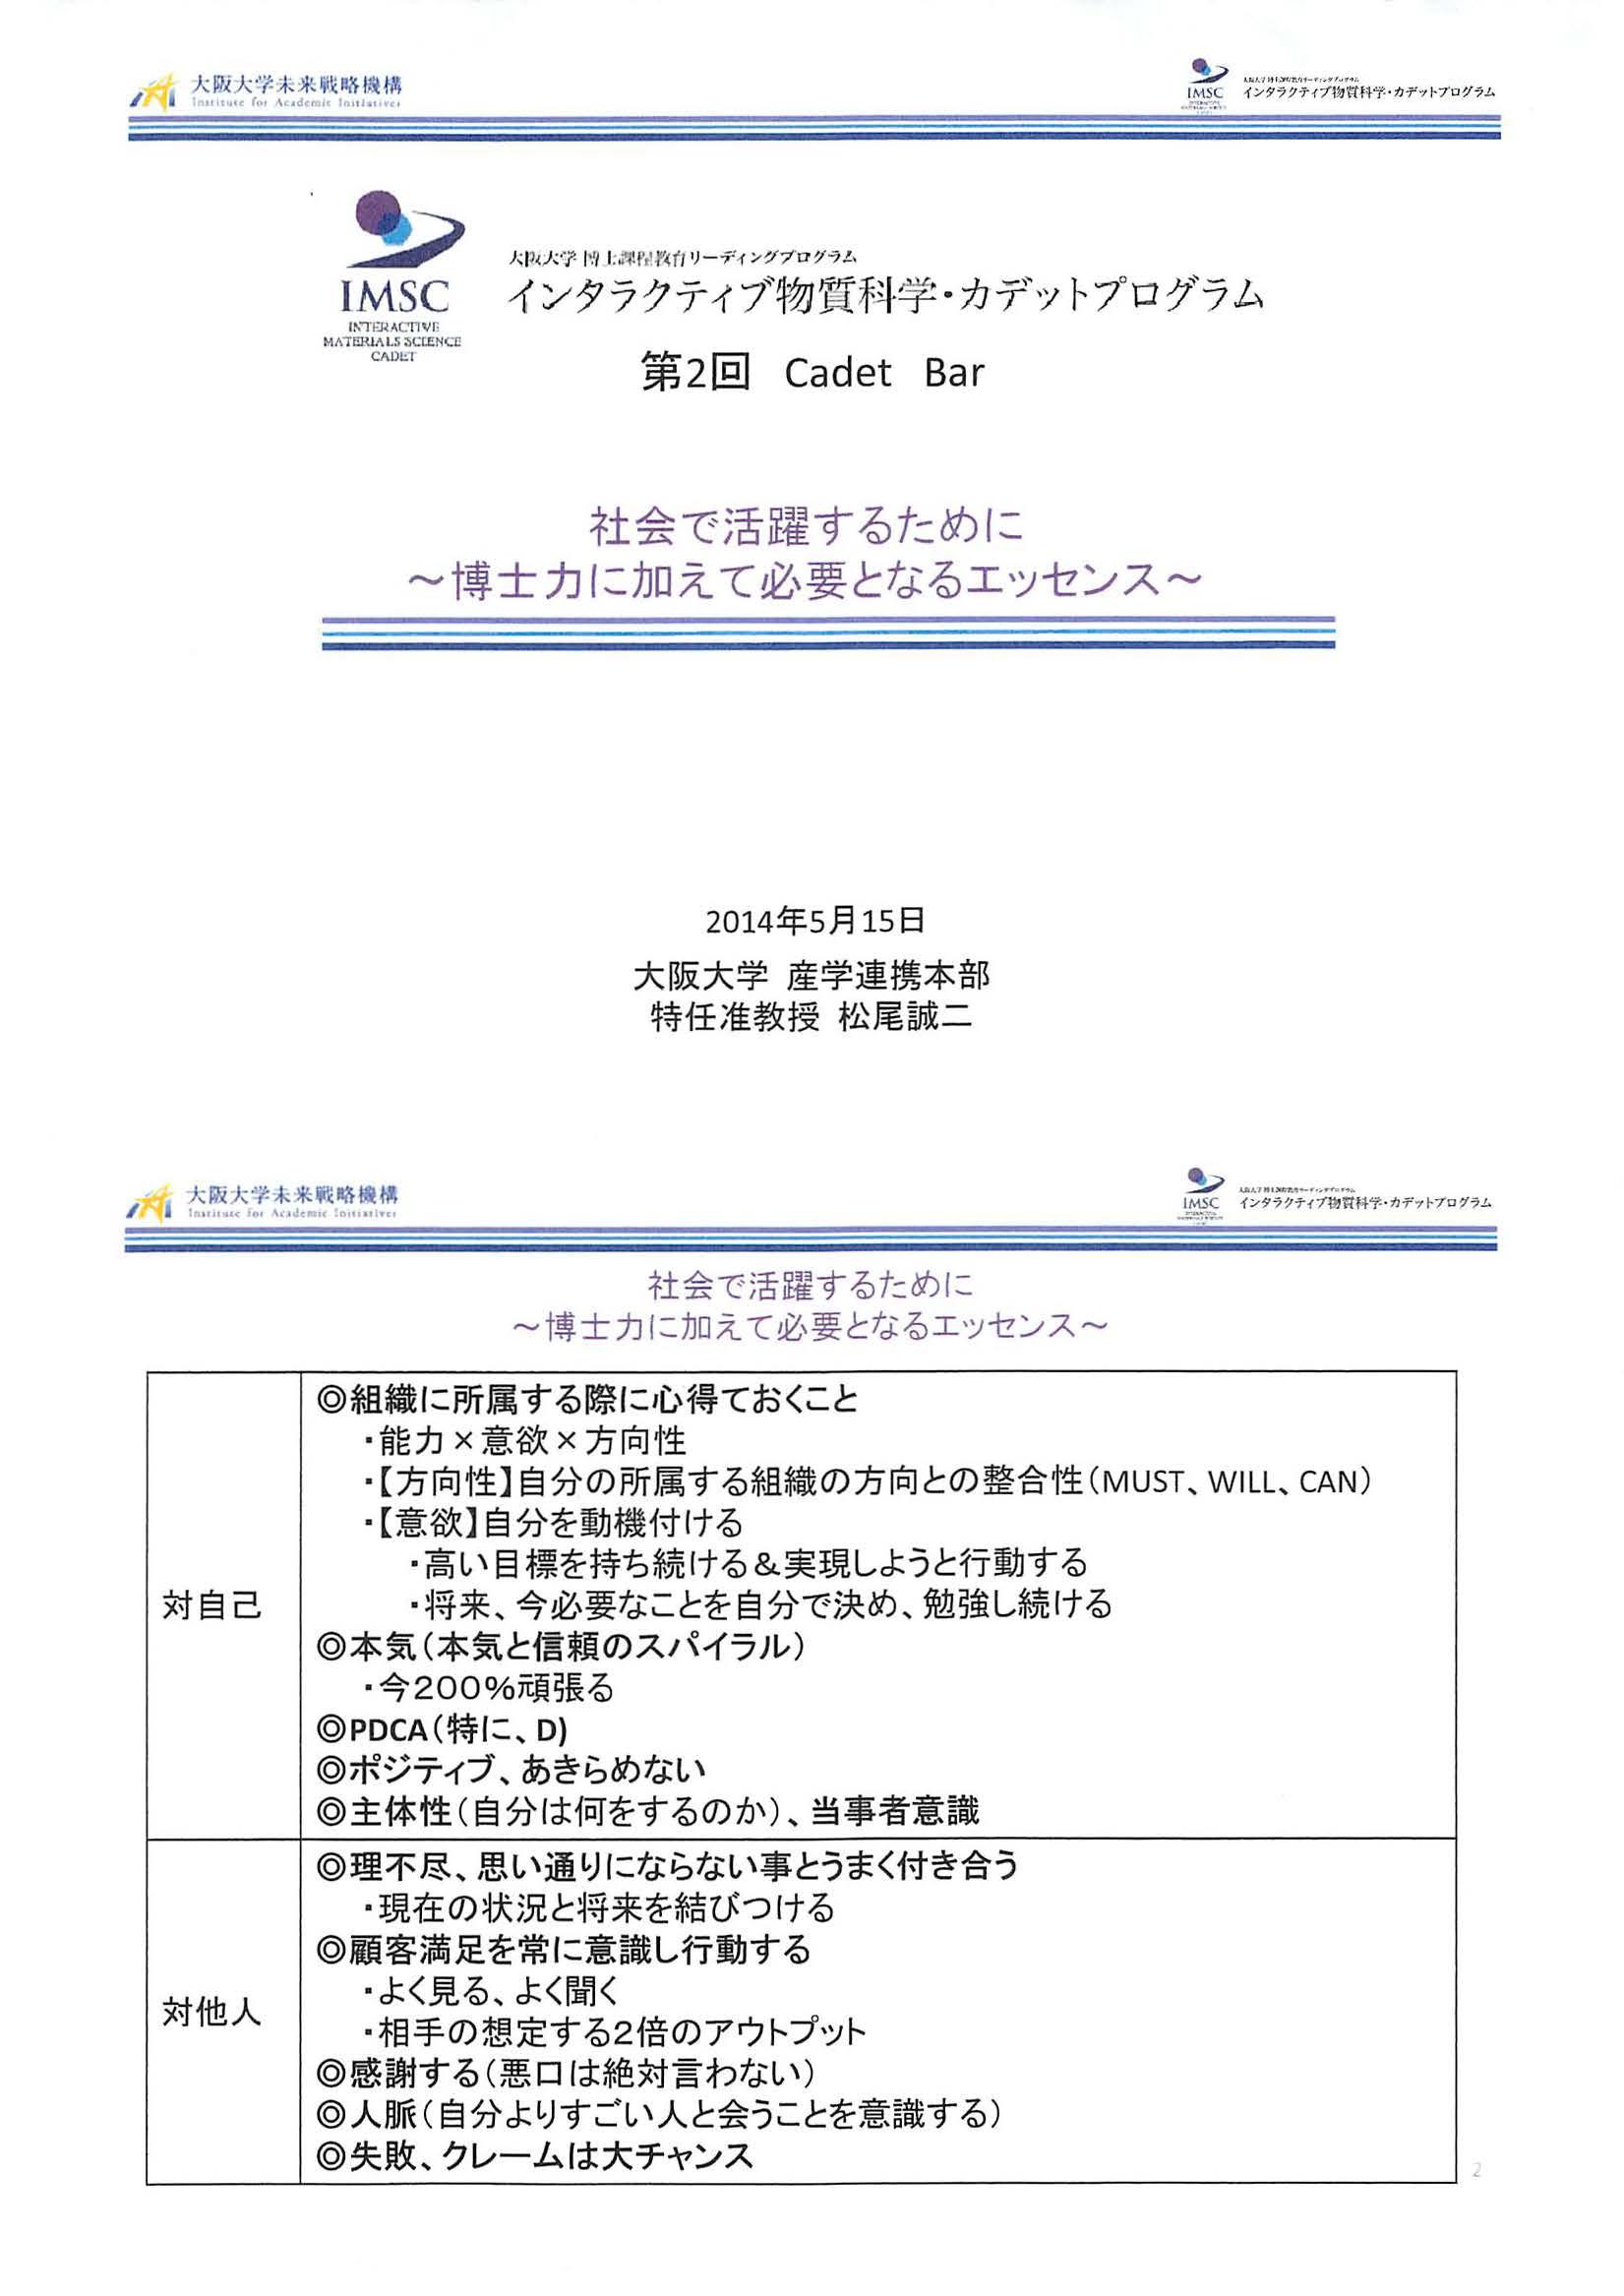 第2回カデットバル松尾先生資料